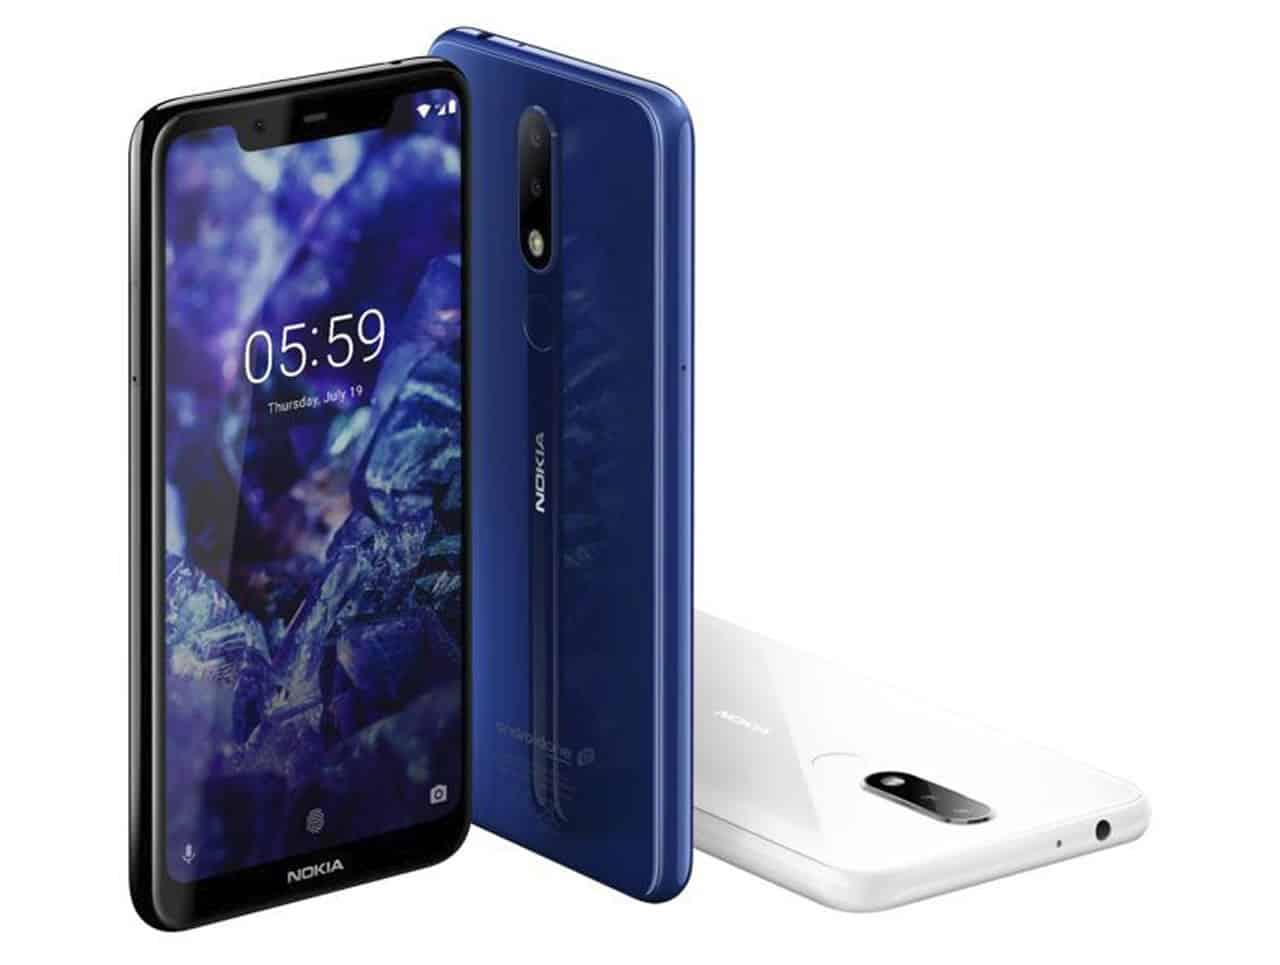 Comienza la venta del Nokia 5.1 Plus en Chile por $199.990